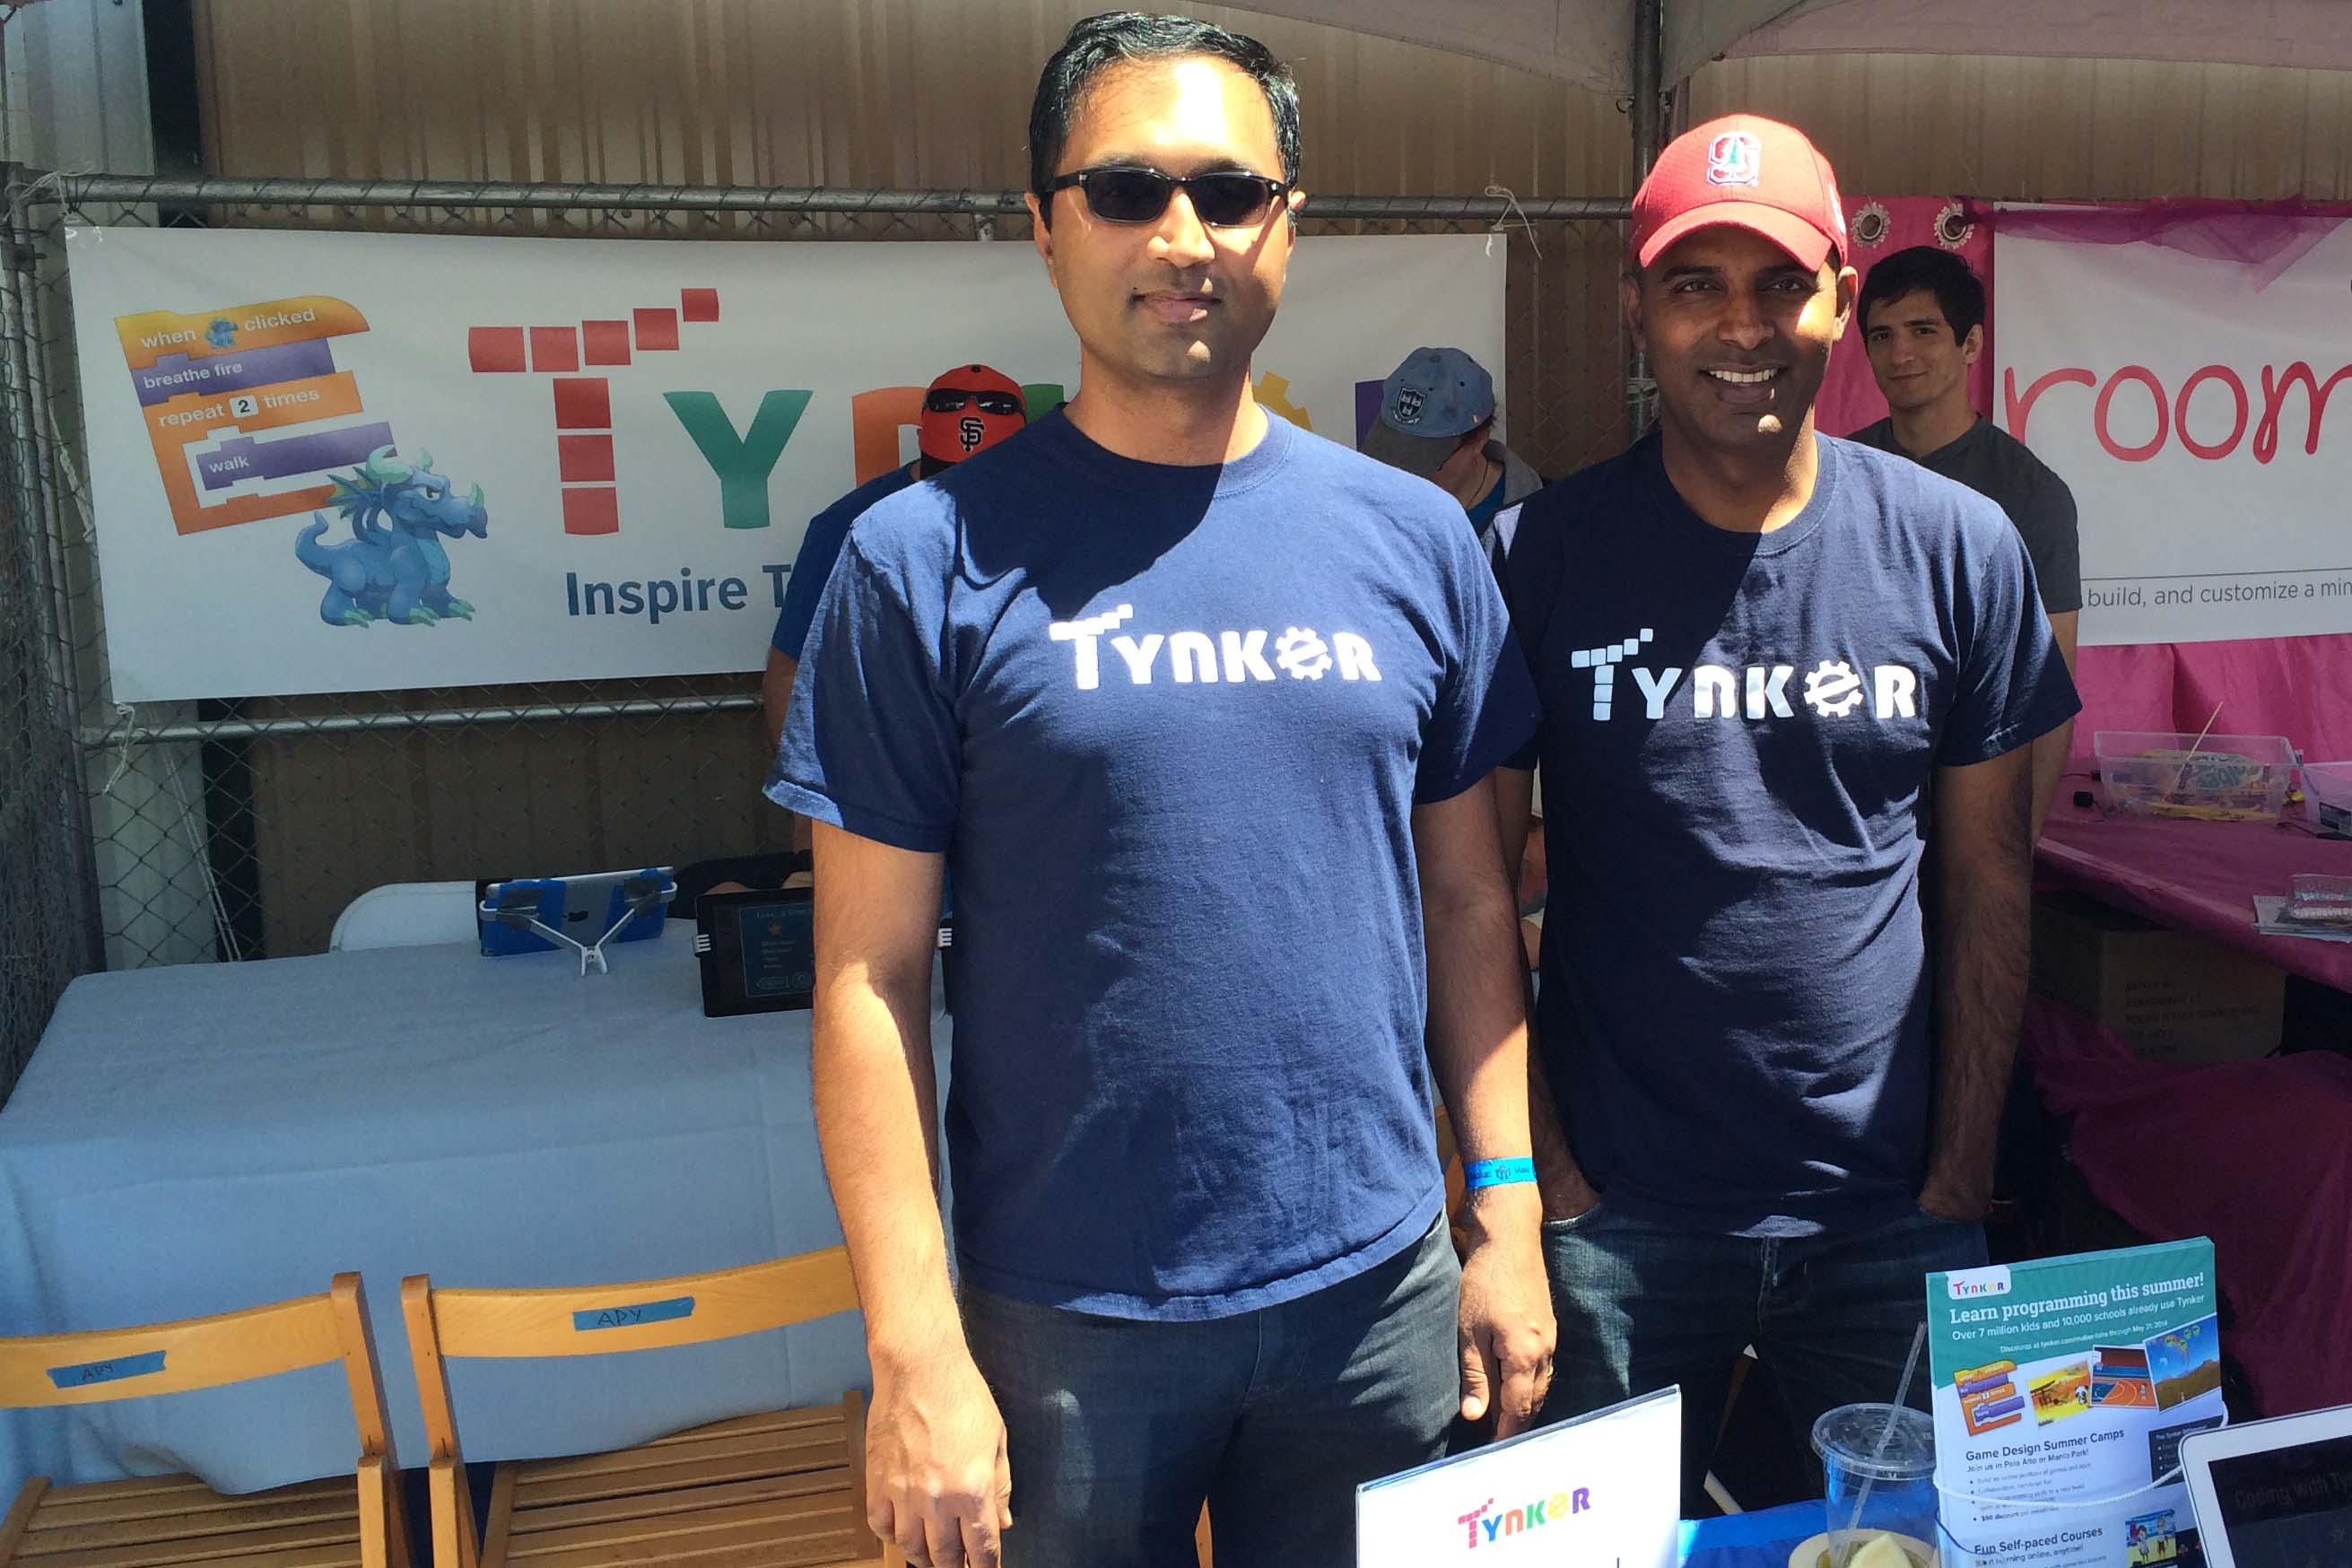 Tynker at Maker Faire